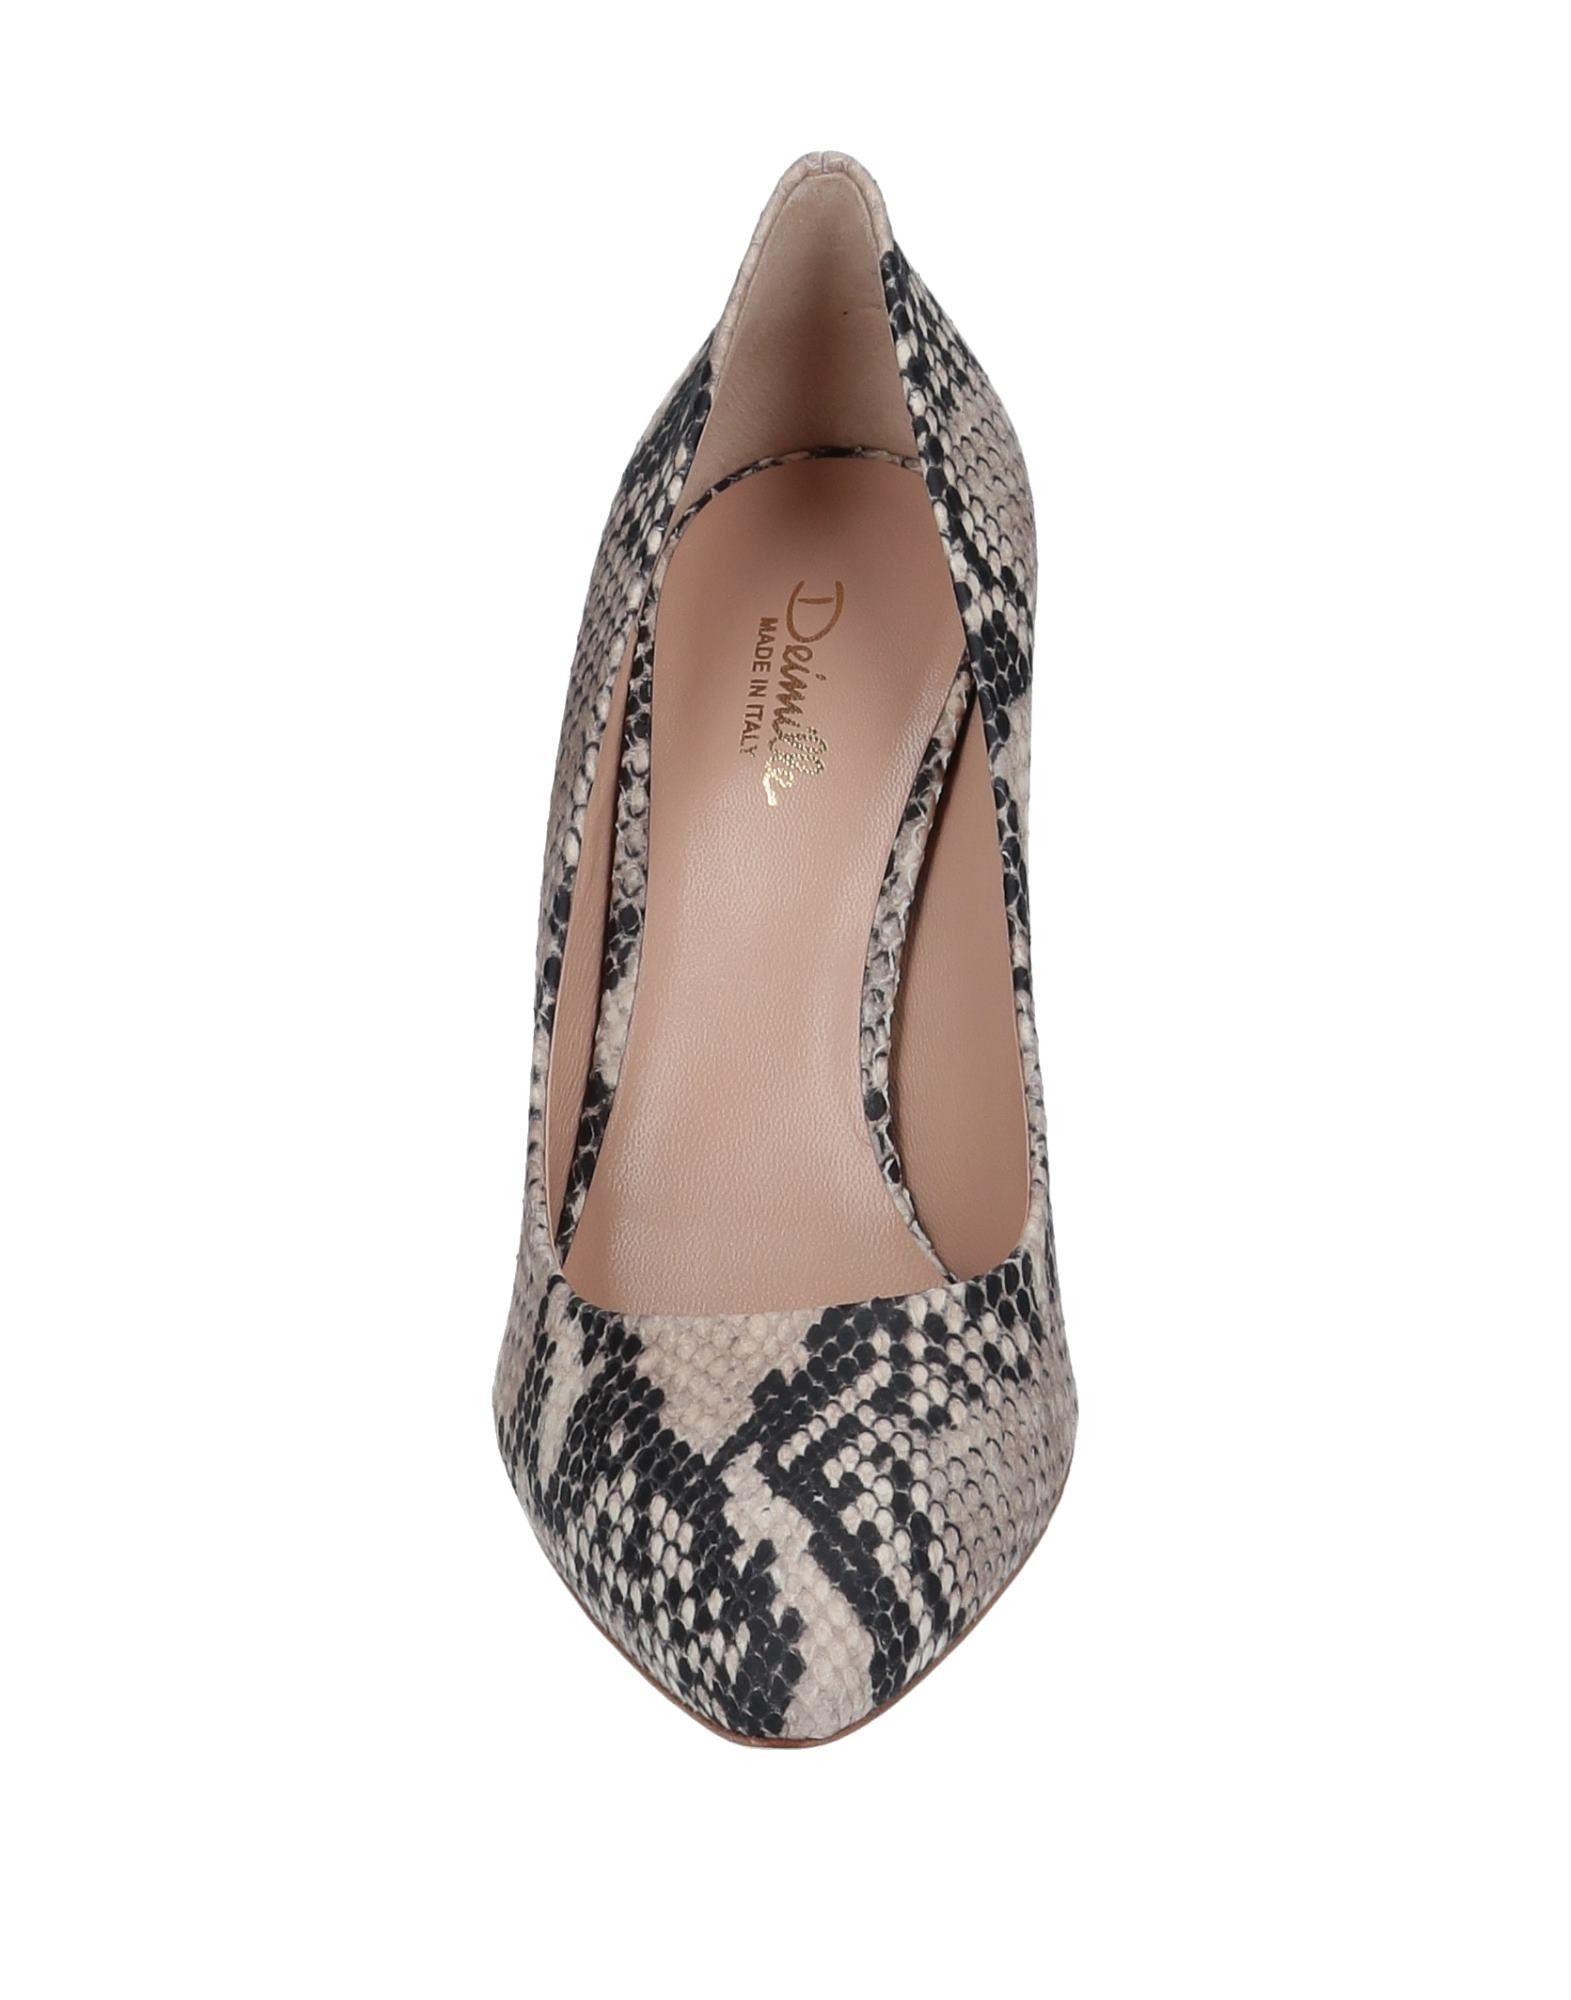 Stilvolle billige Schuhe Deimille Pumps 11556259FR Damen  11556259FR Pumps 521d65